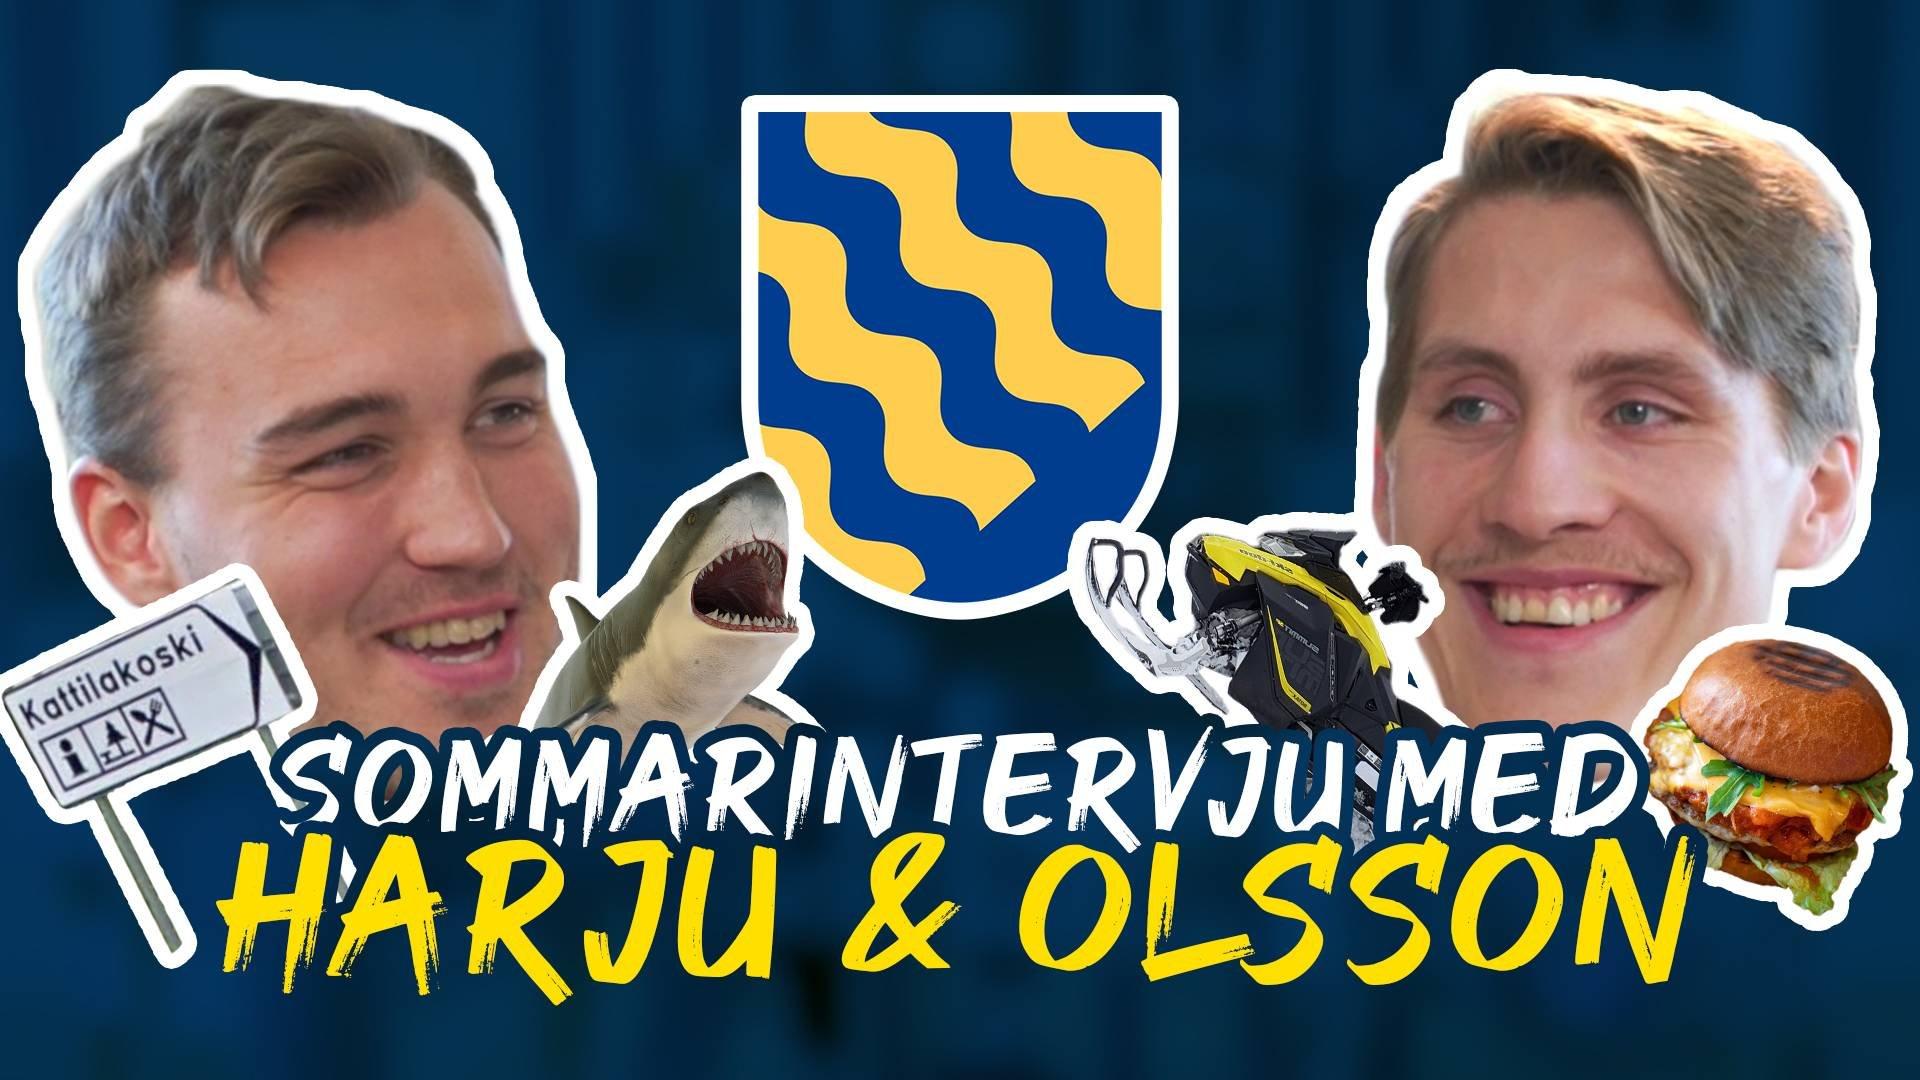 Sommarintervju med Harju & Olsson